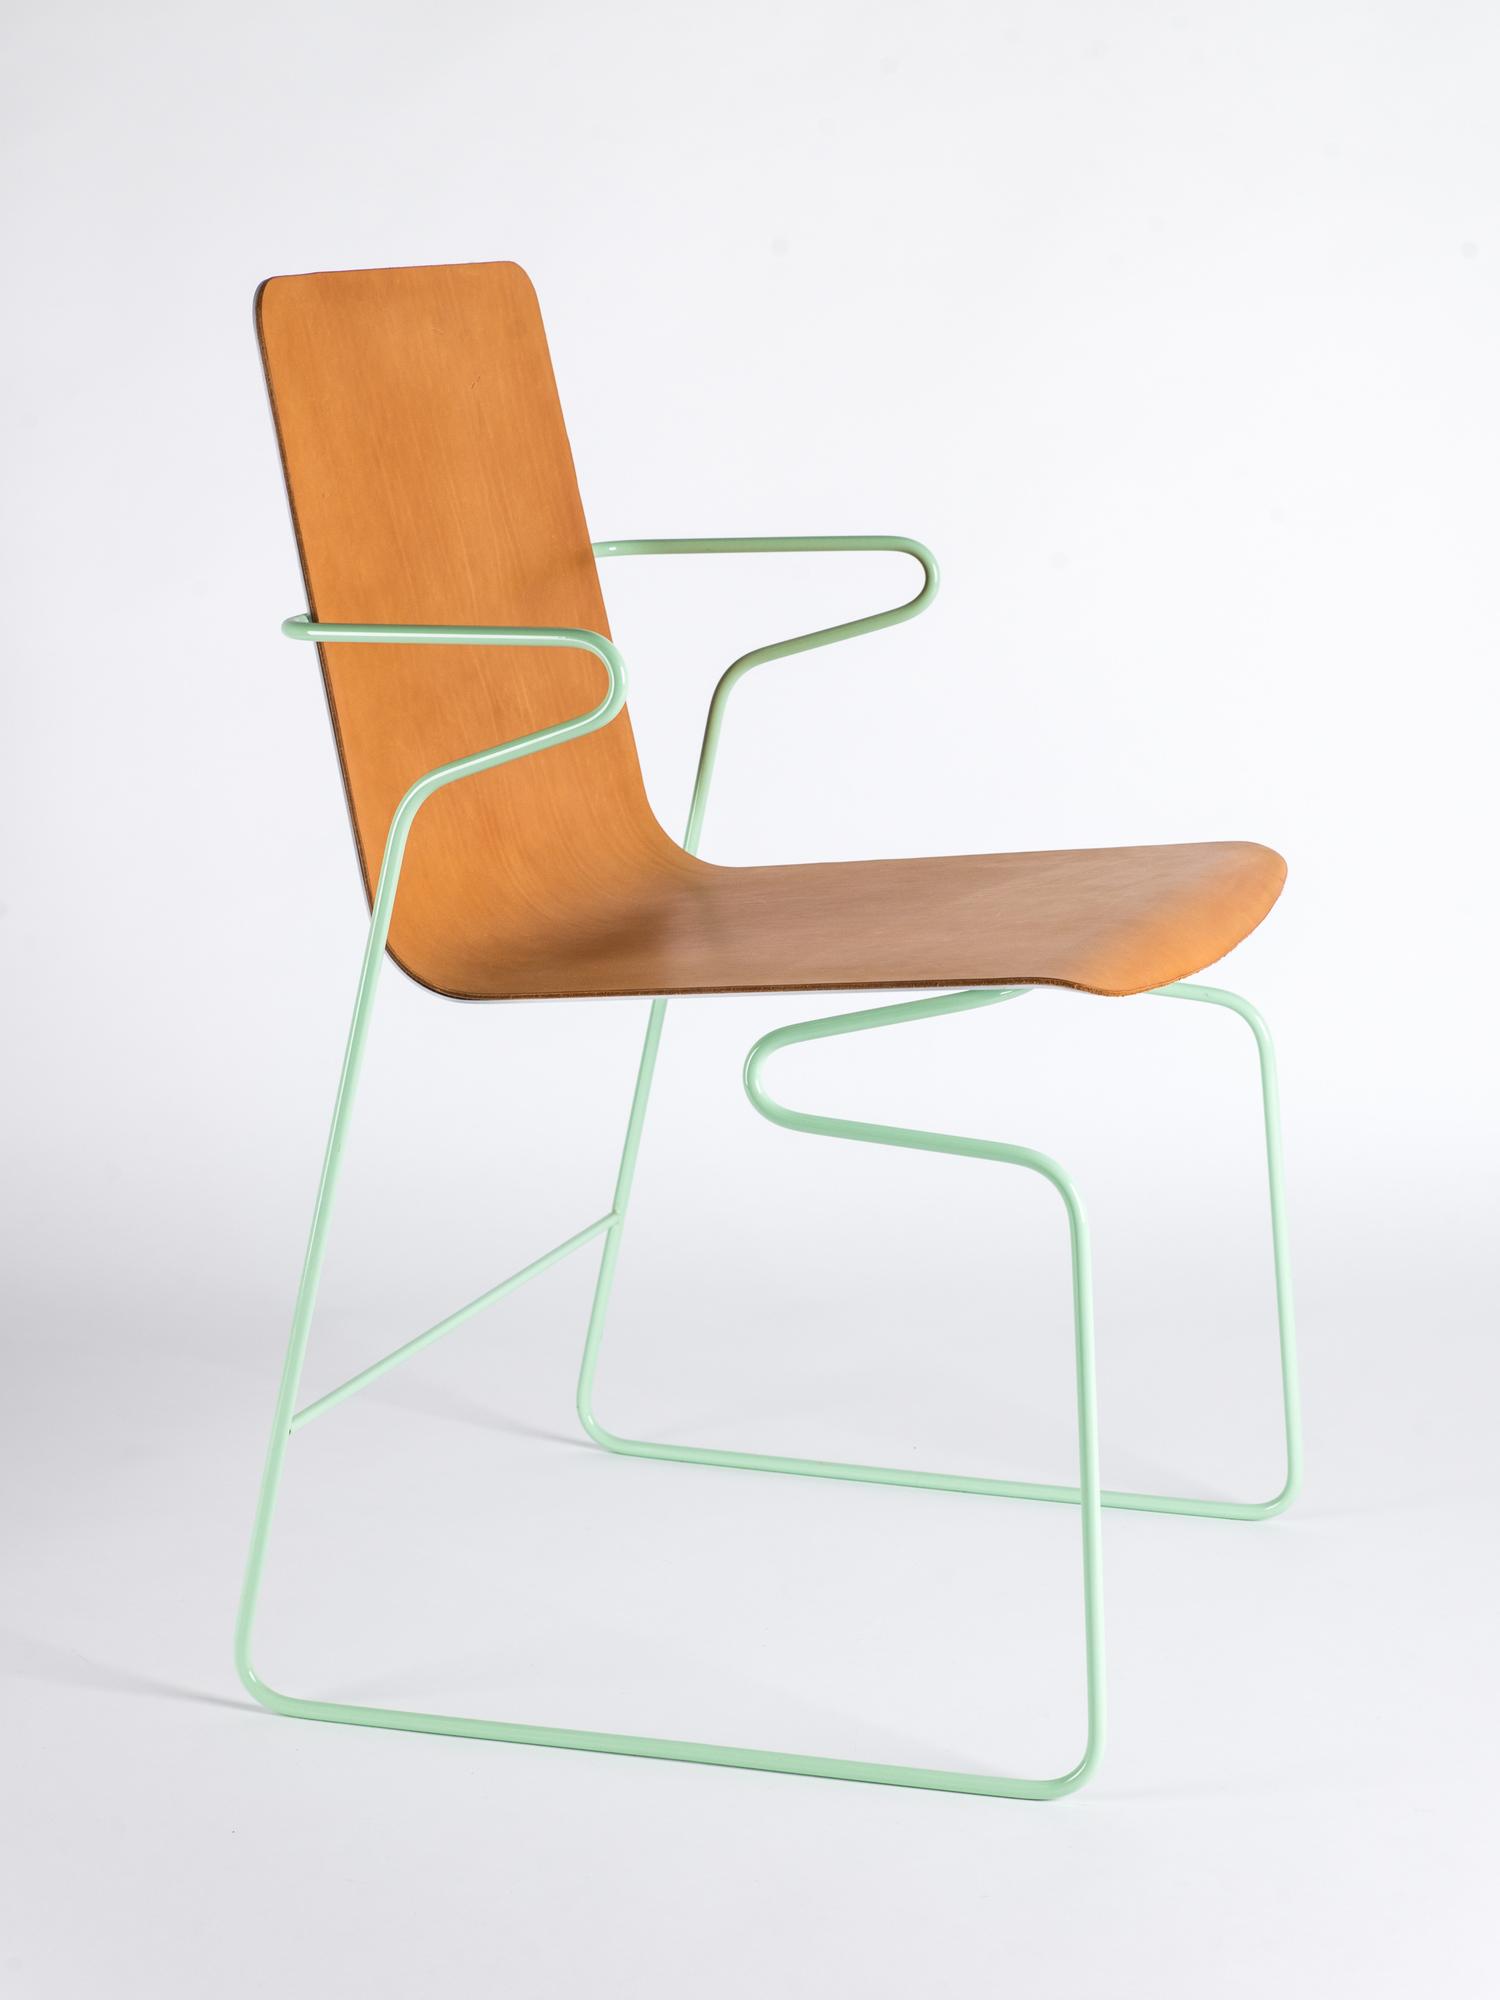 Bender_Chair-Frederik_Kurzweg-6.jpg